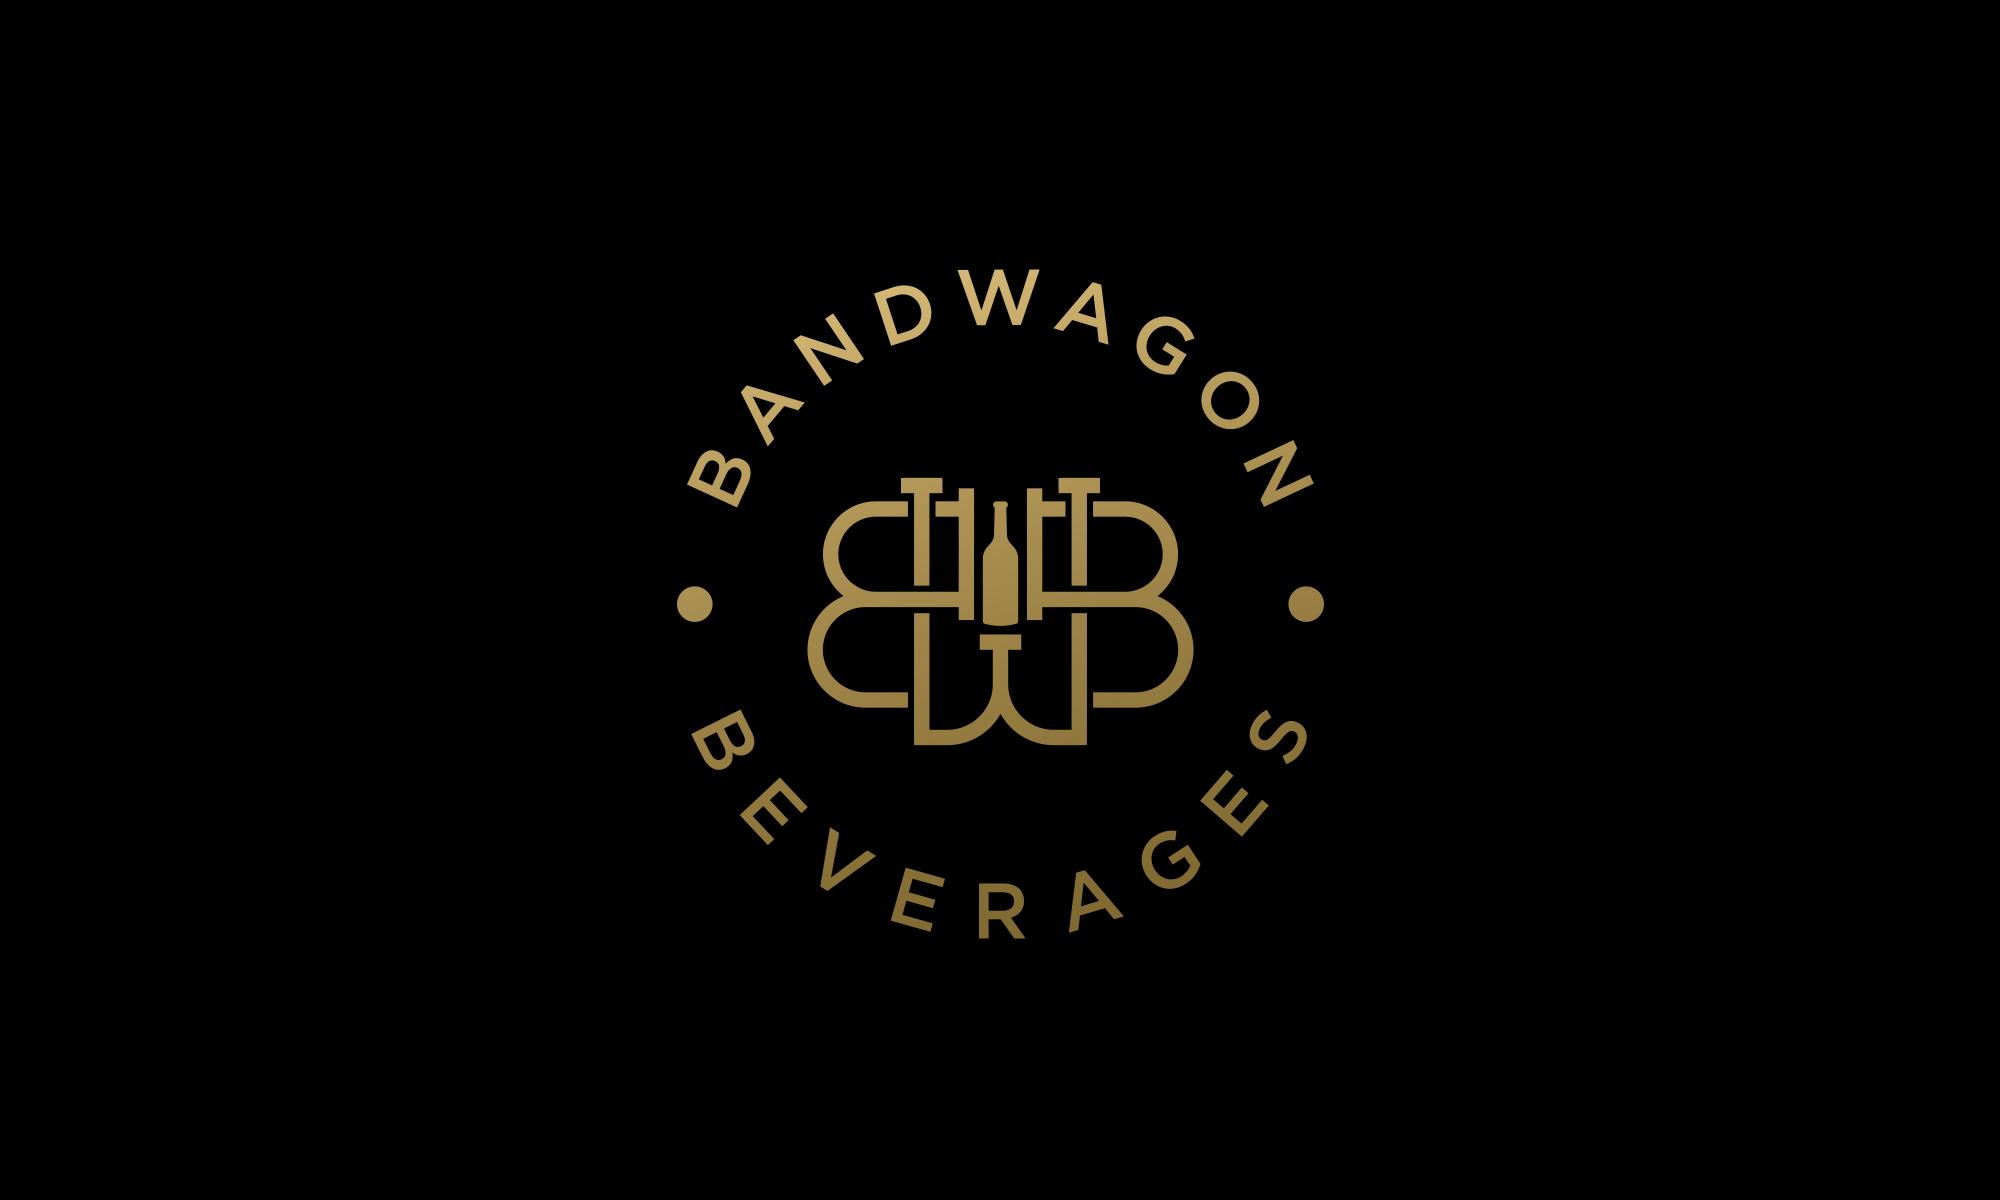 Bandwagon Beverages - Get On It!